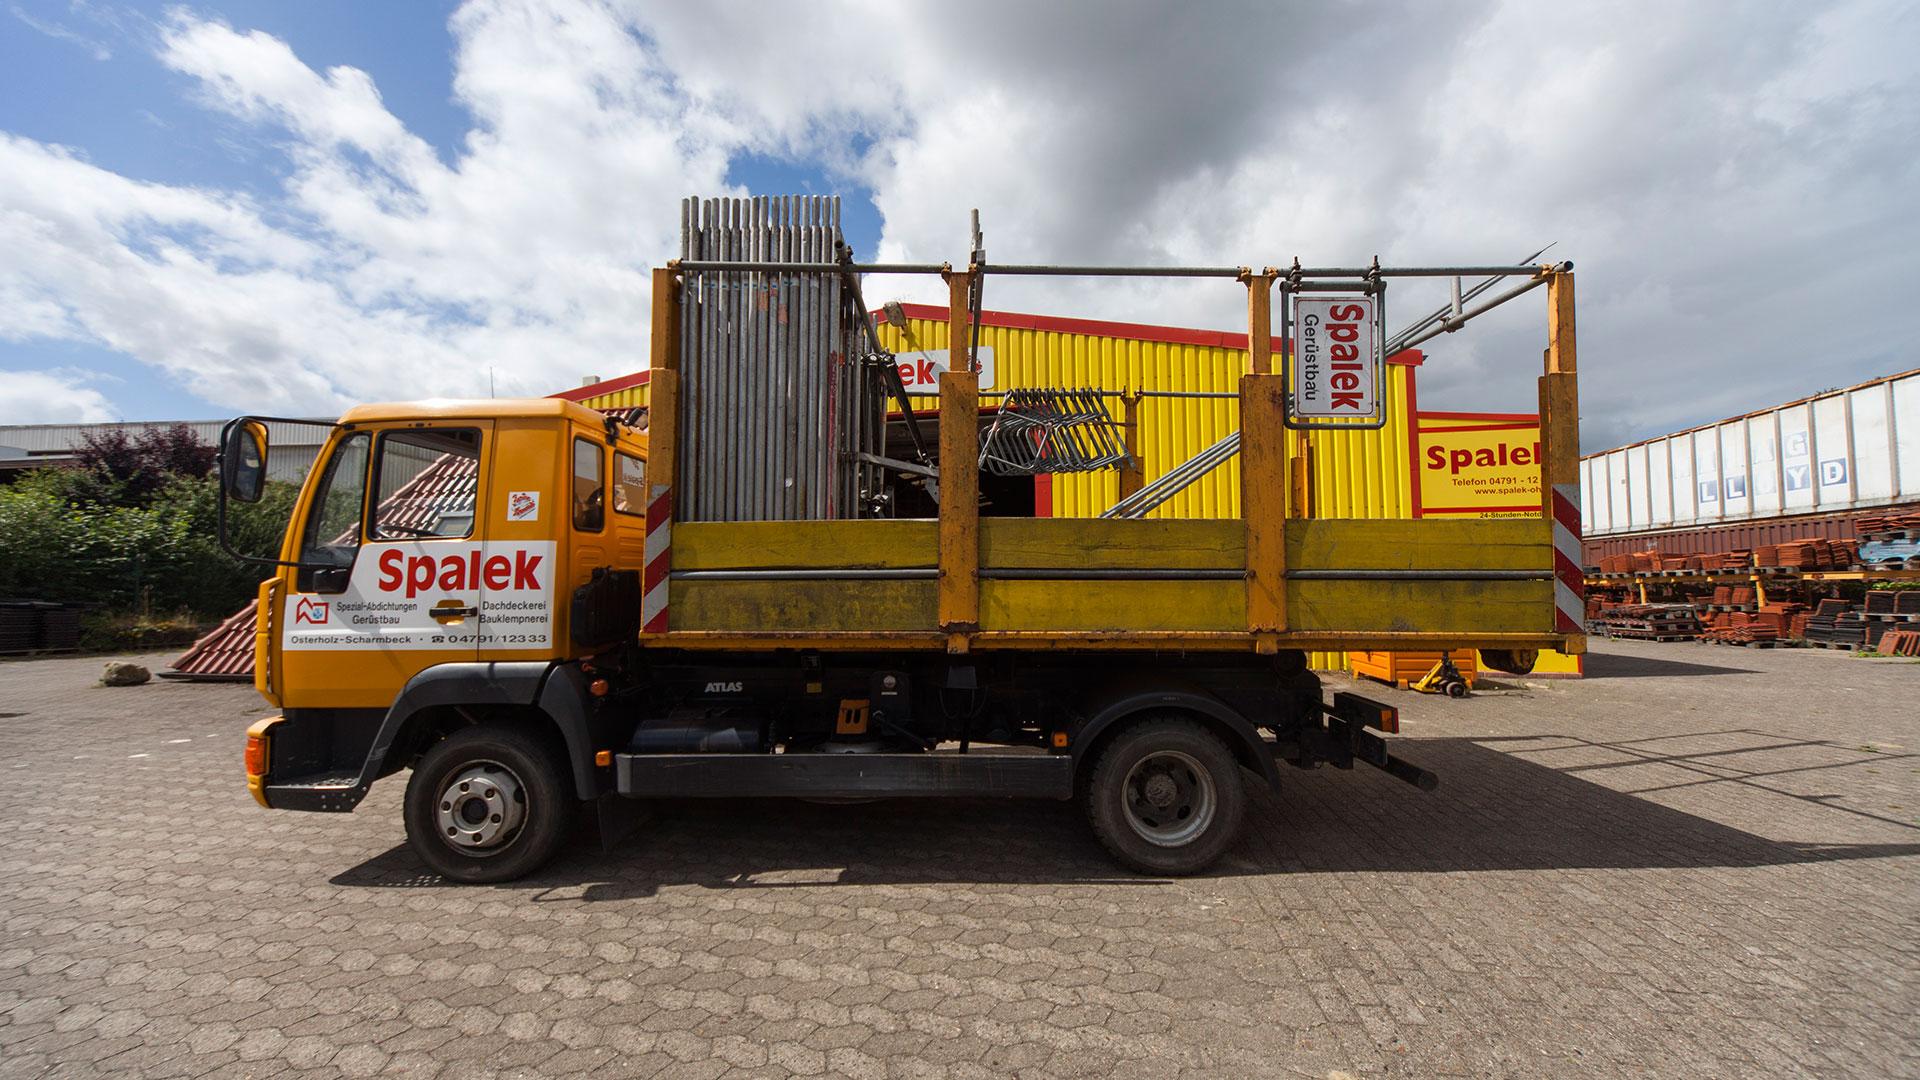 Gerüstbau Lastwagen mit Gerüstelementen 1920x1080px | Dachdeckerei Spalek OHZ